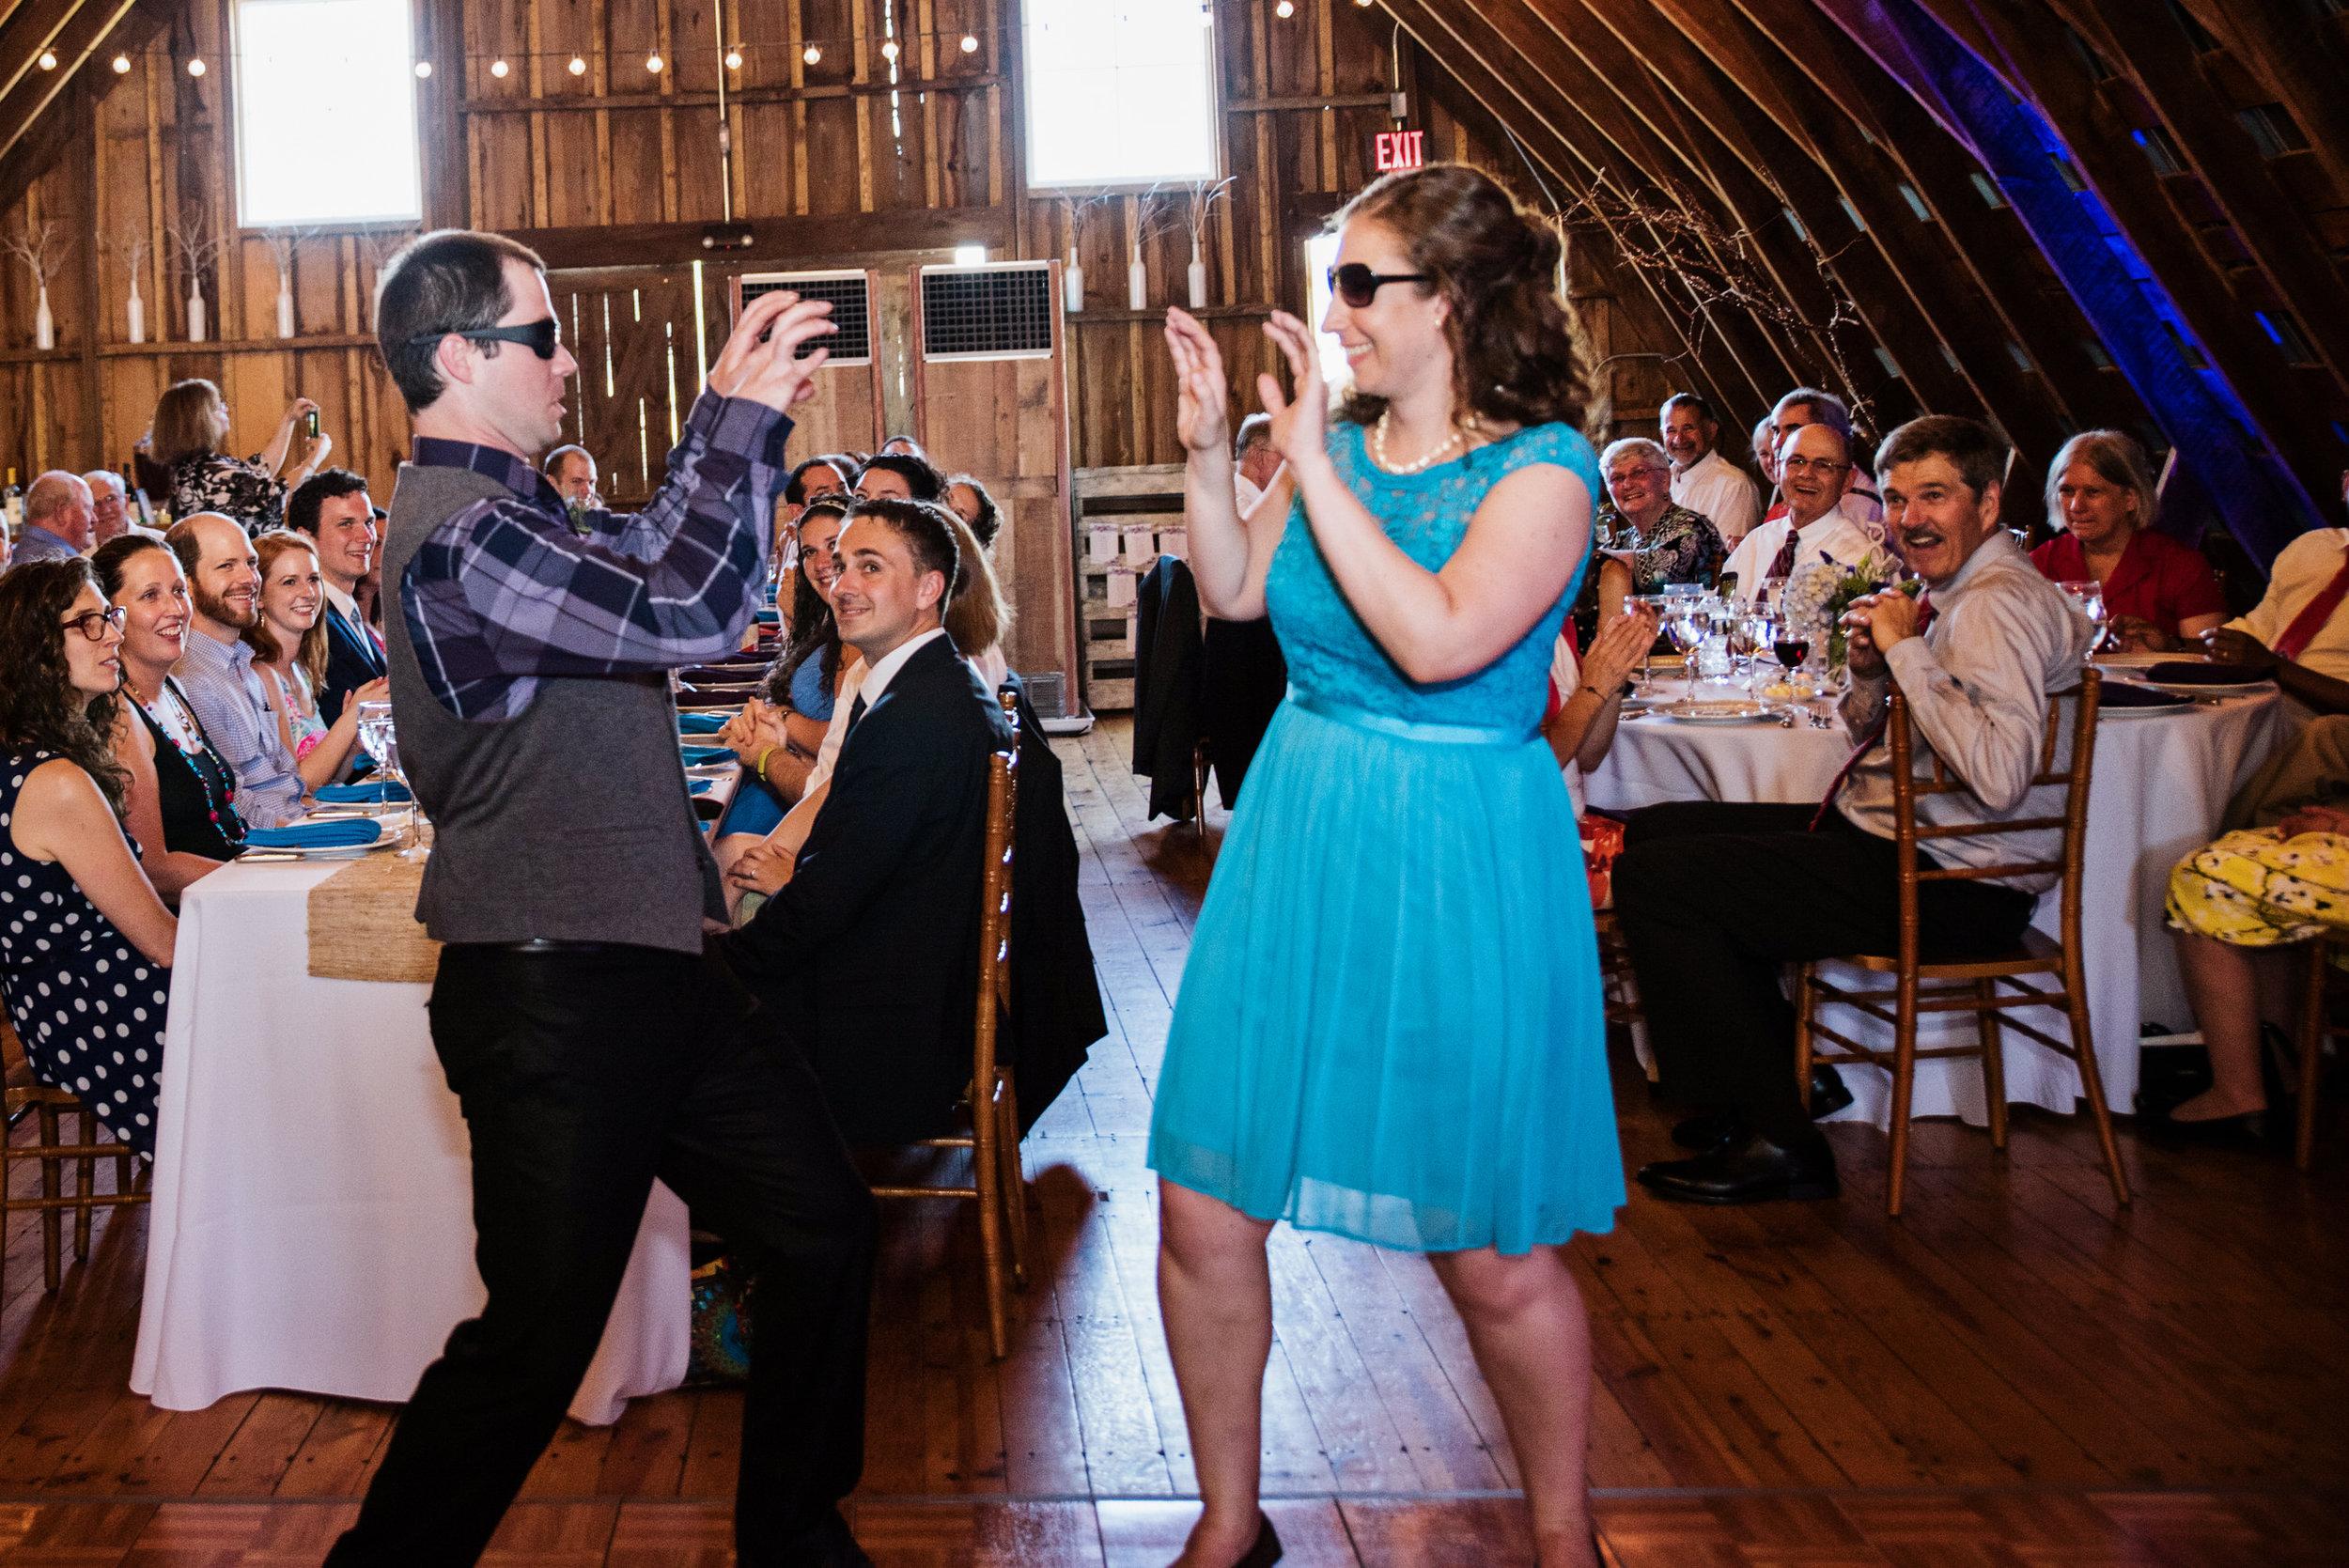 EastLynnFarmWedding-Stephanie&Aaron-Reception-43.jpg